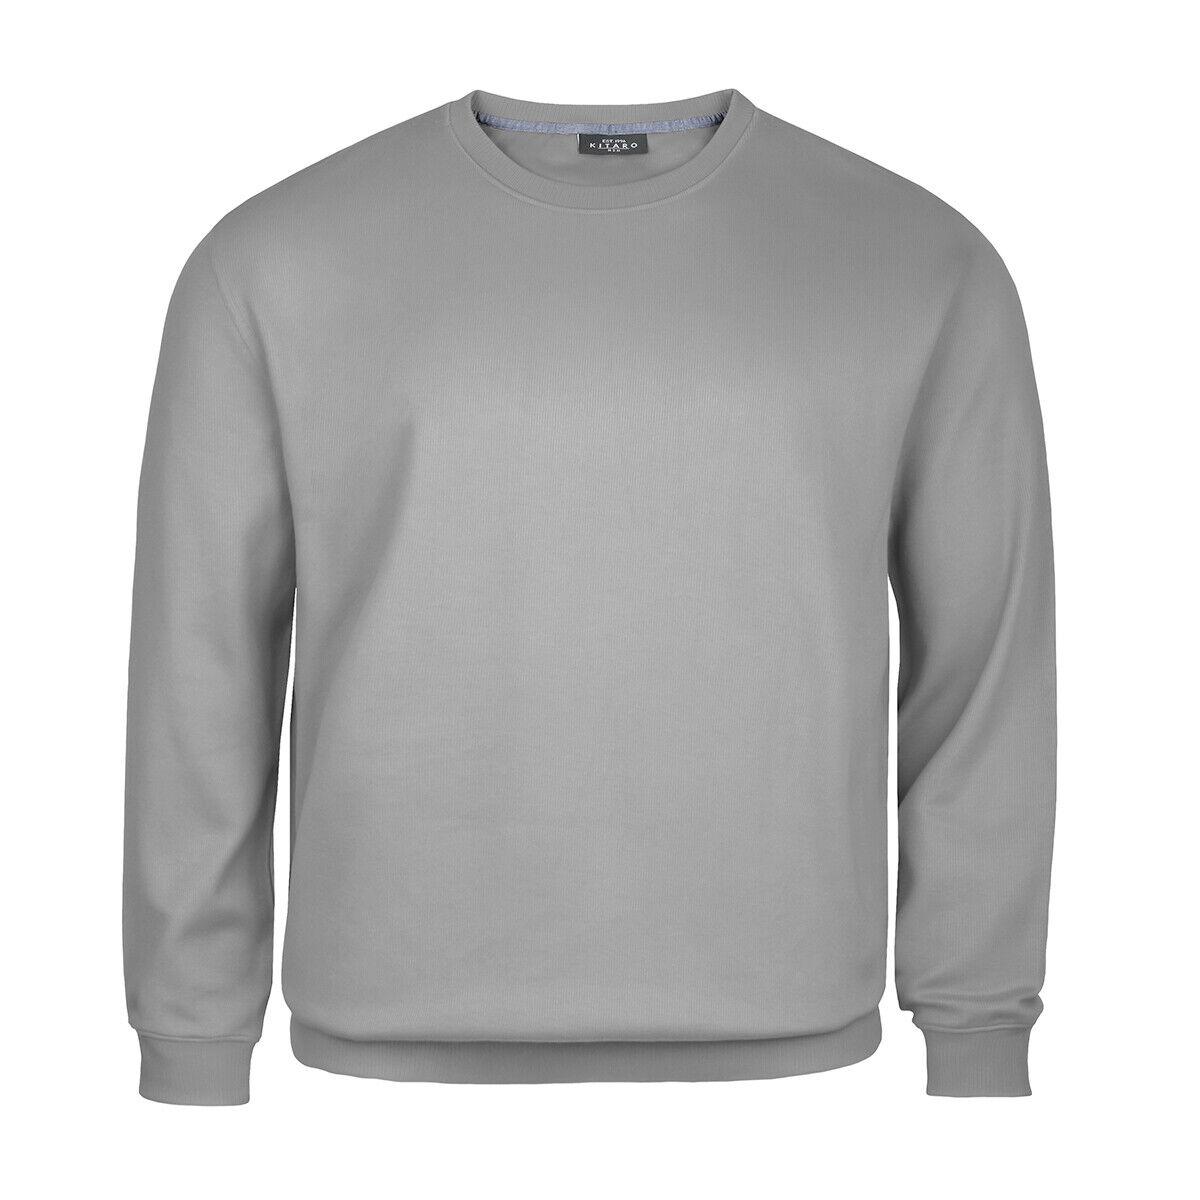 XXL Kitaro Sweatshirt Rundhals hellgrau meliert